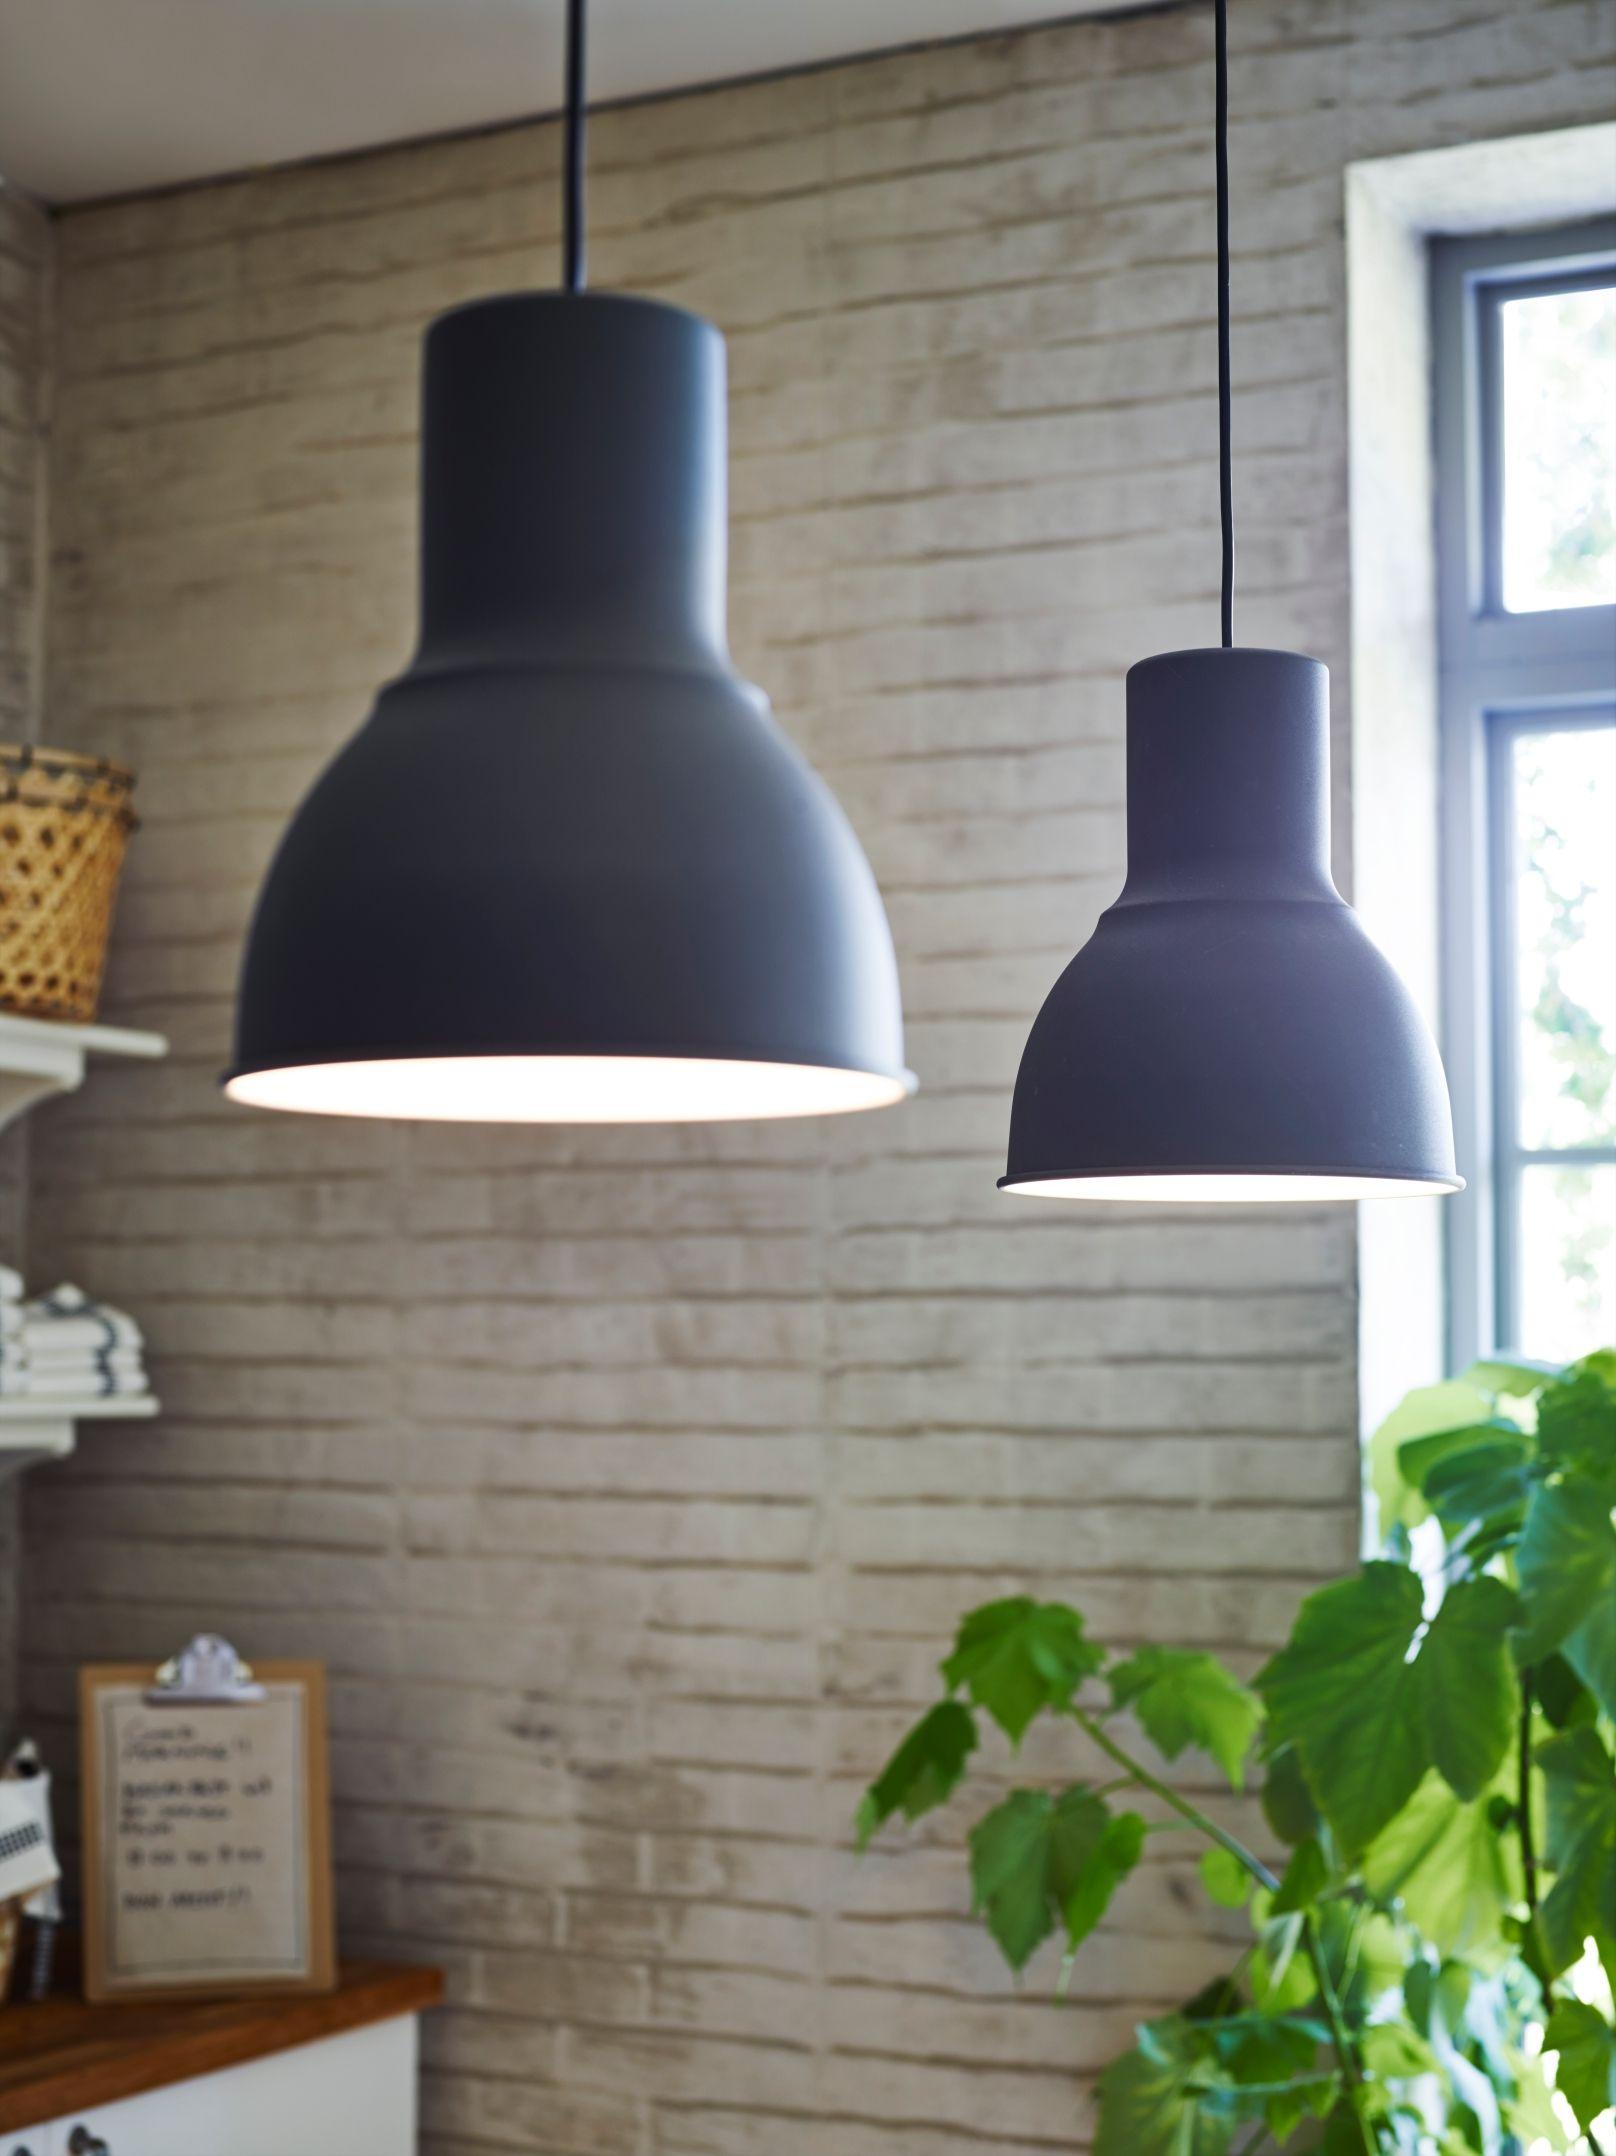 Met de hektar hanglamp geef je jouw keuken een stoere look ikea verlichting pinterest - Ikea appliques verlichting ...